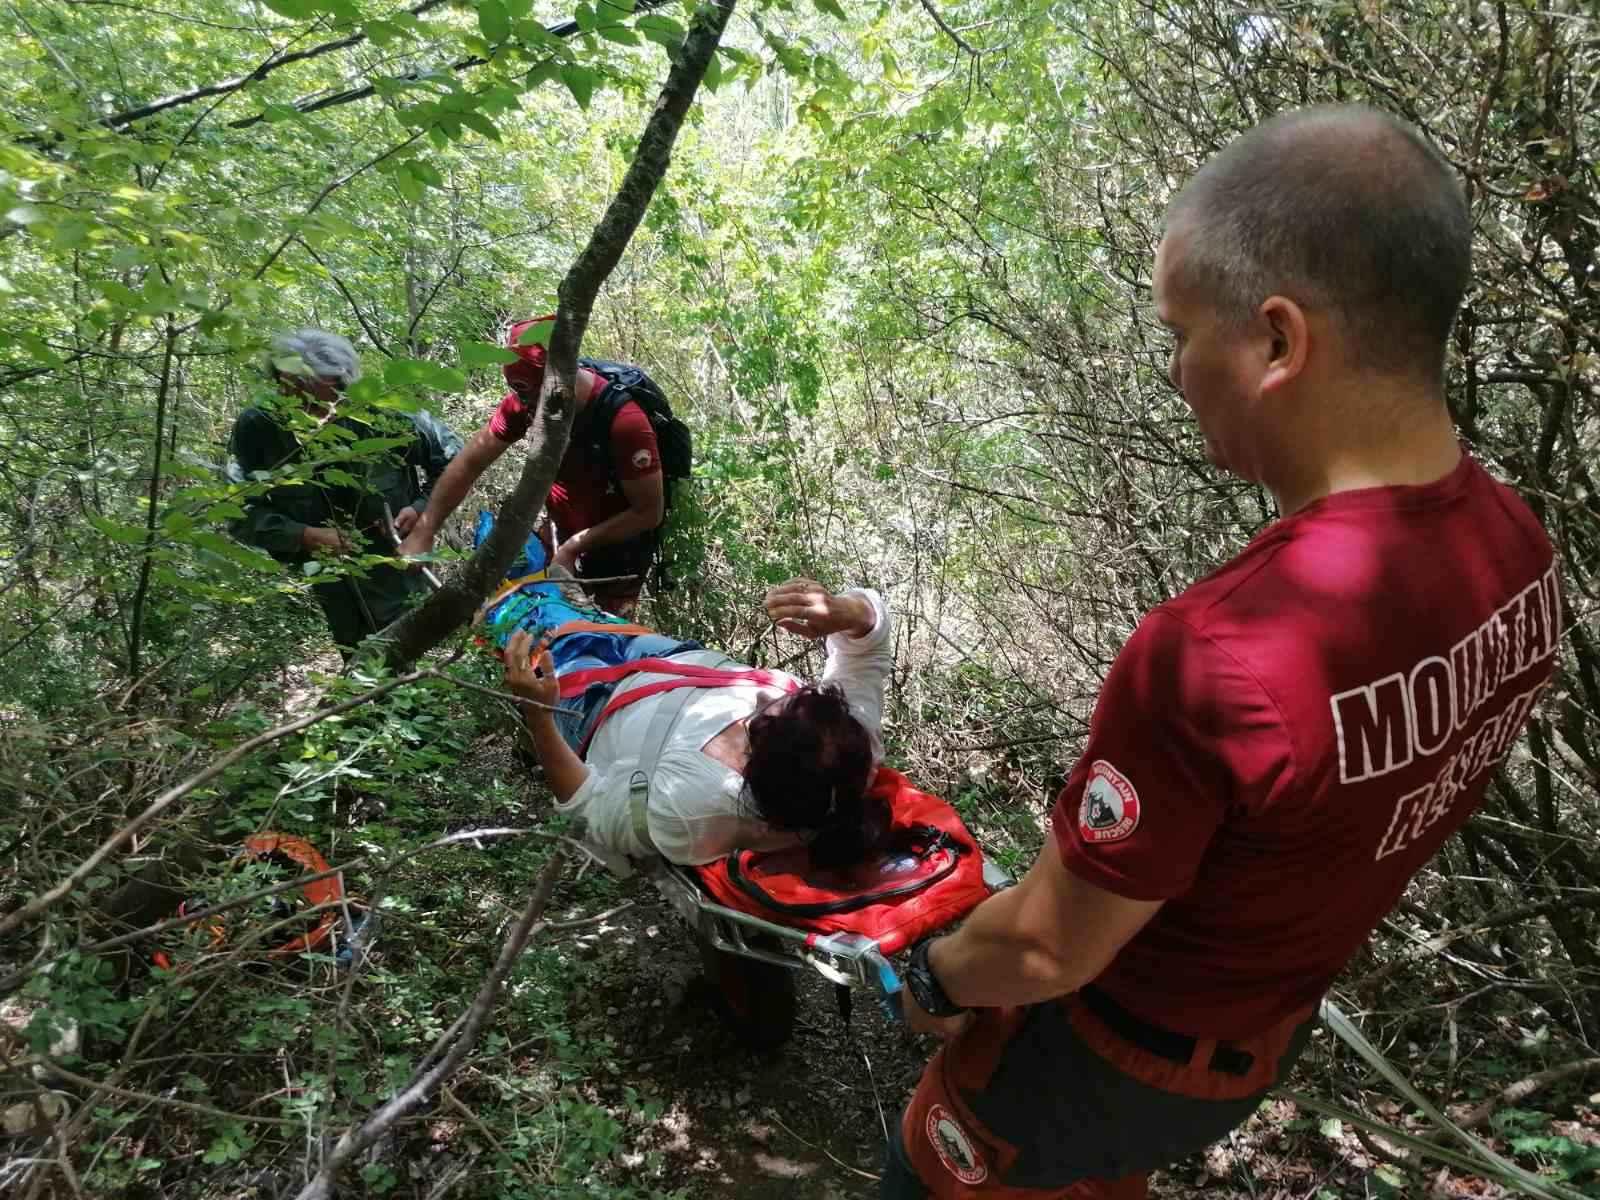 Трета интервенција на ПСС во текот на јули, спасена повредена жена на патеката од Трпејца кон Заум